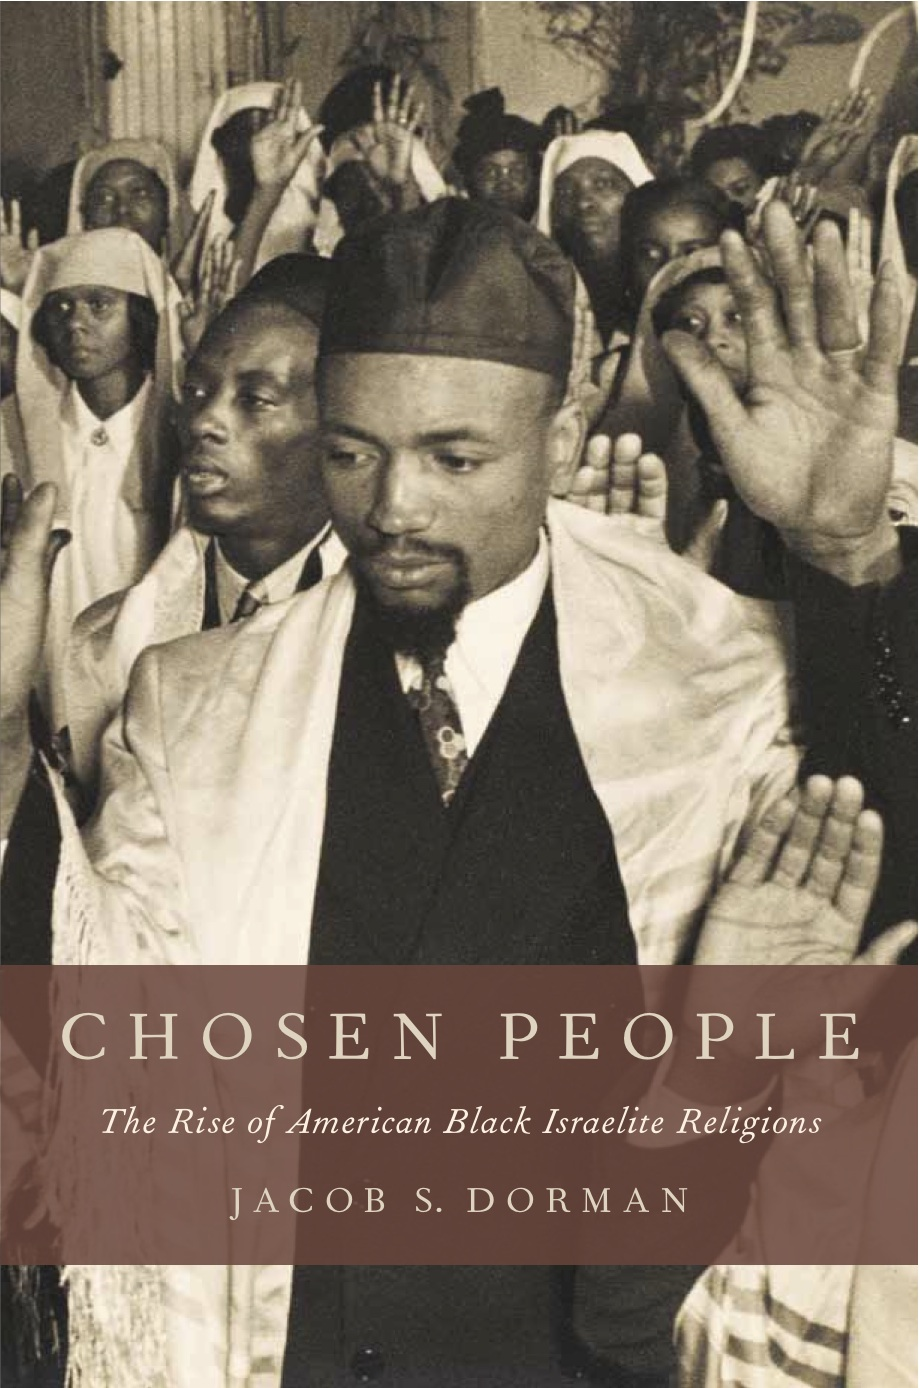 Chosen People Covers.jpg